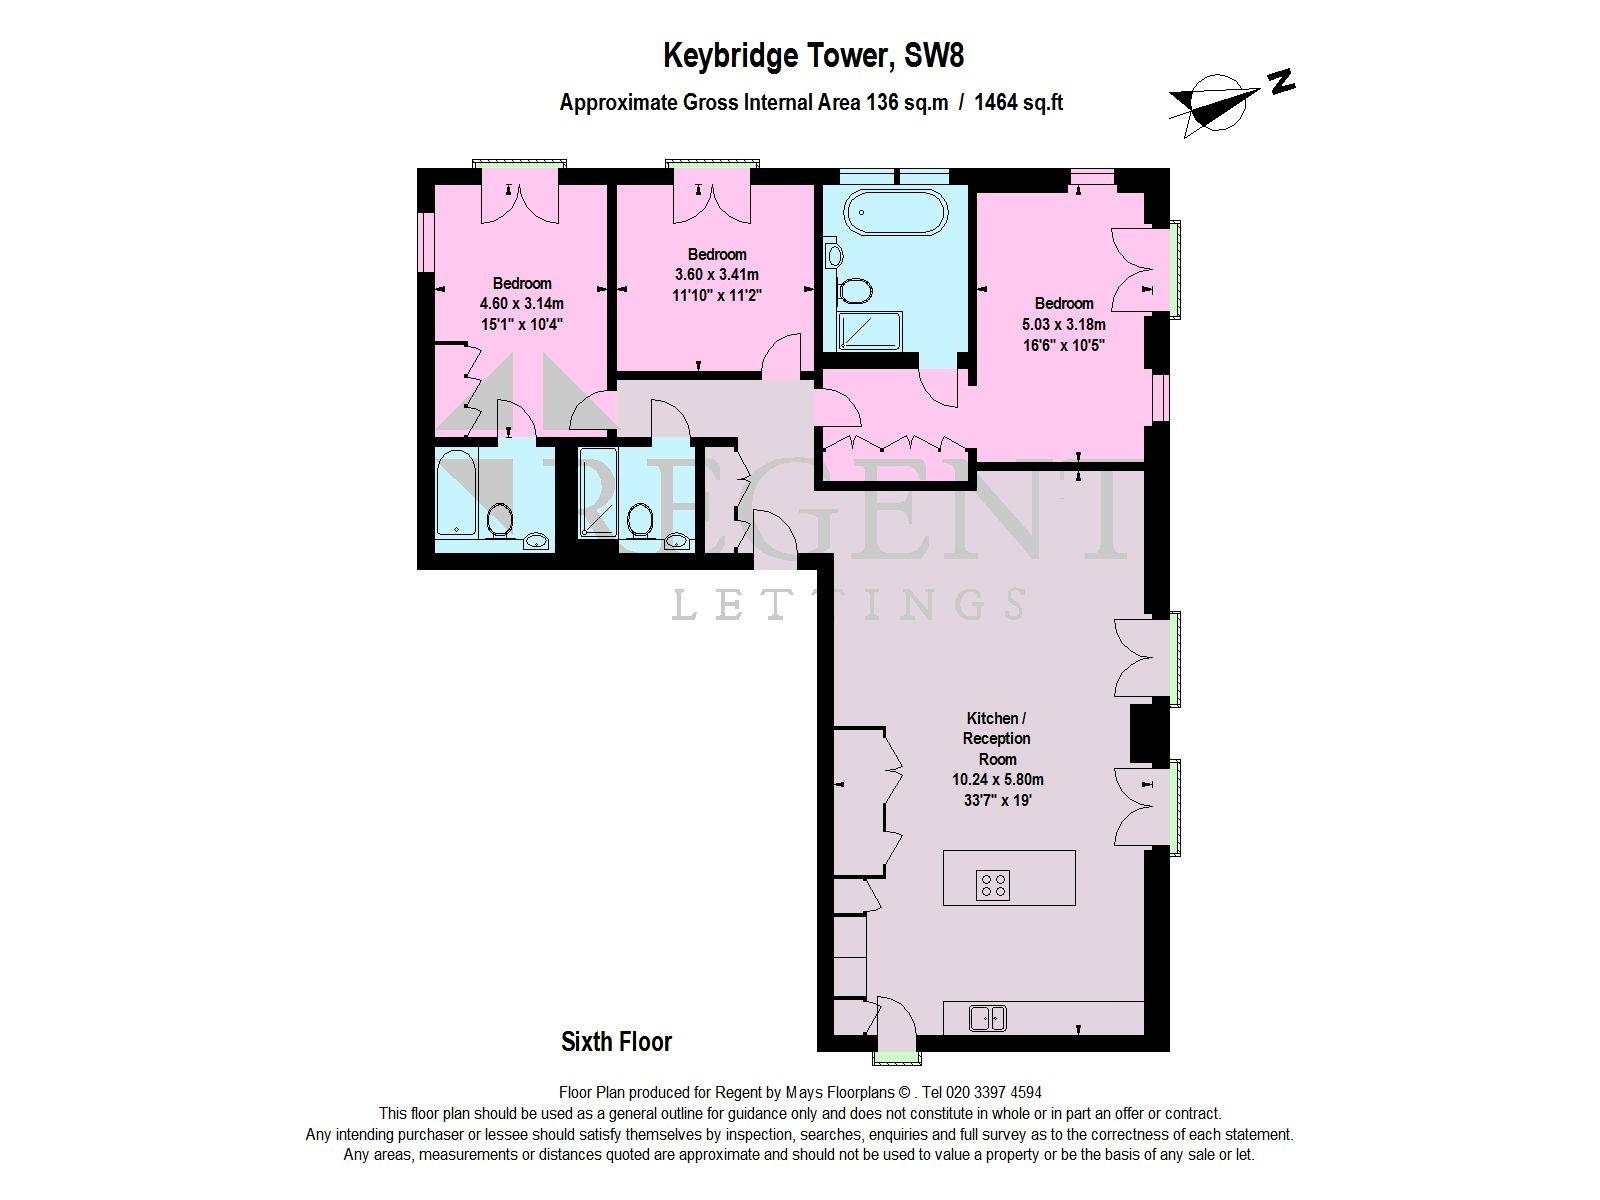 3 Bed Flat To Rent In Keybridge Tower 6 Exchange Gardens Sw8 Zoopla Diagram Sixth Floor Layout Floorplan 1